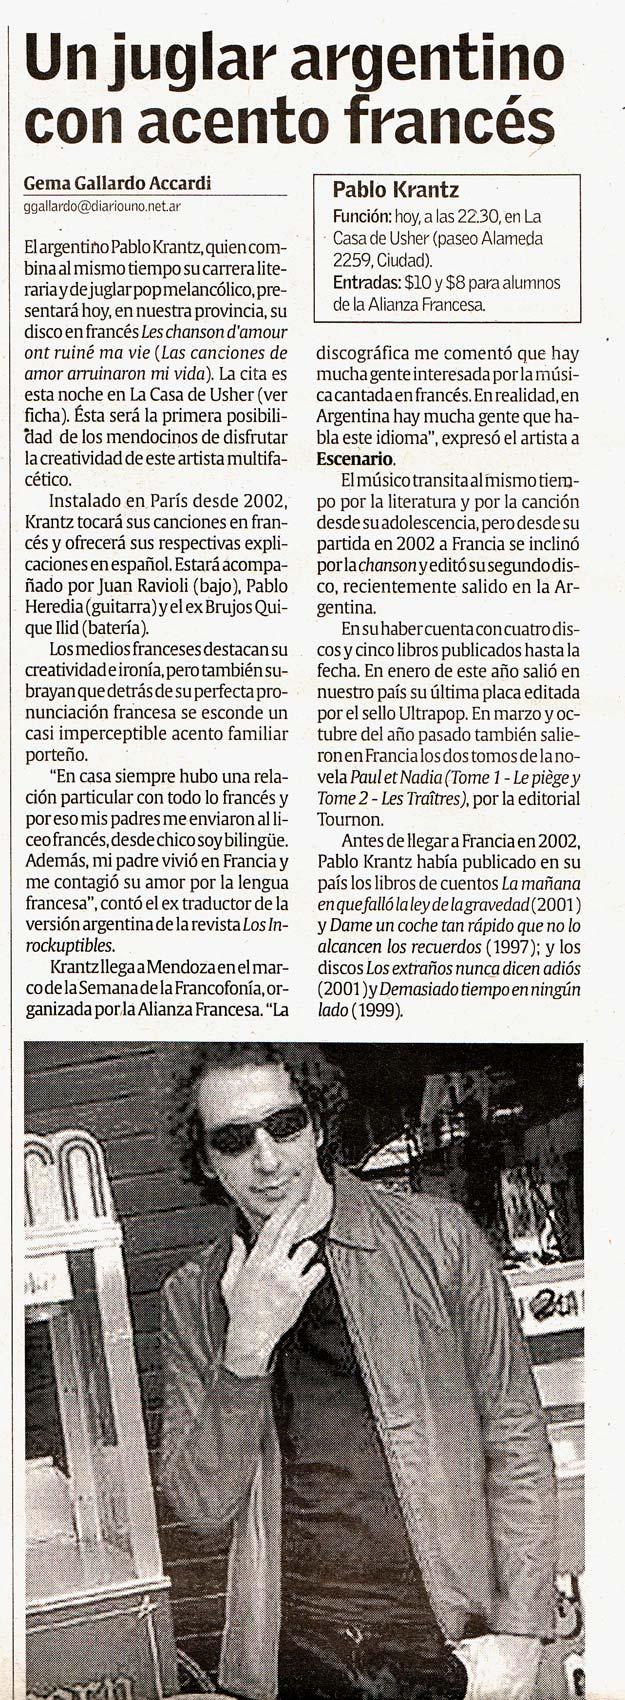 Diario Uno, Mendoza, Argentina, 2008